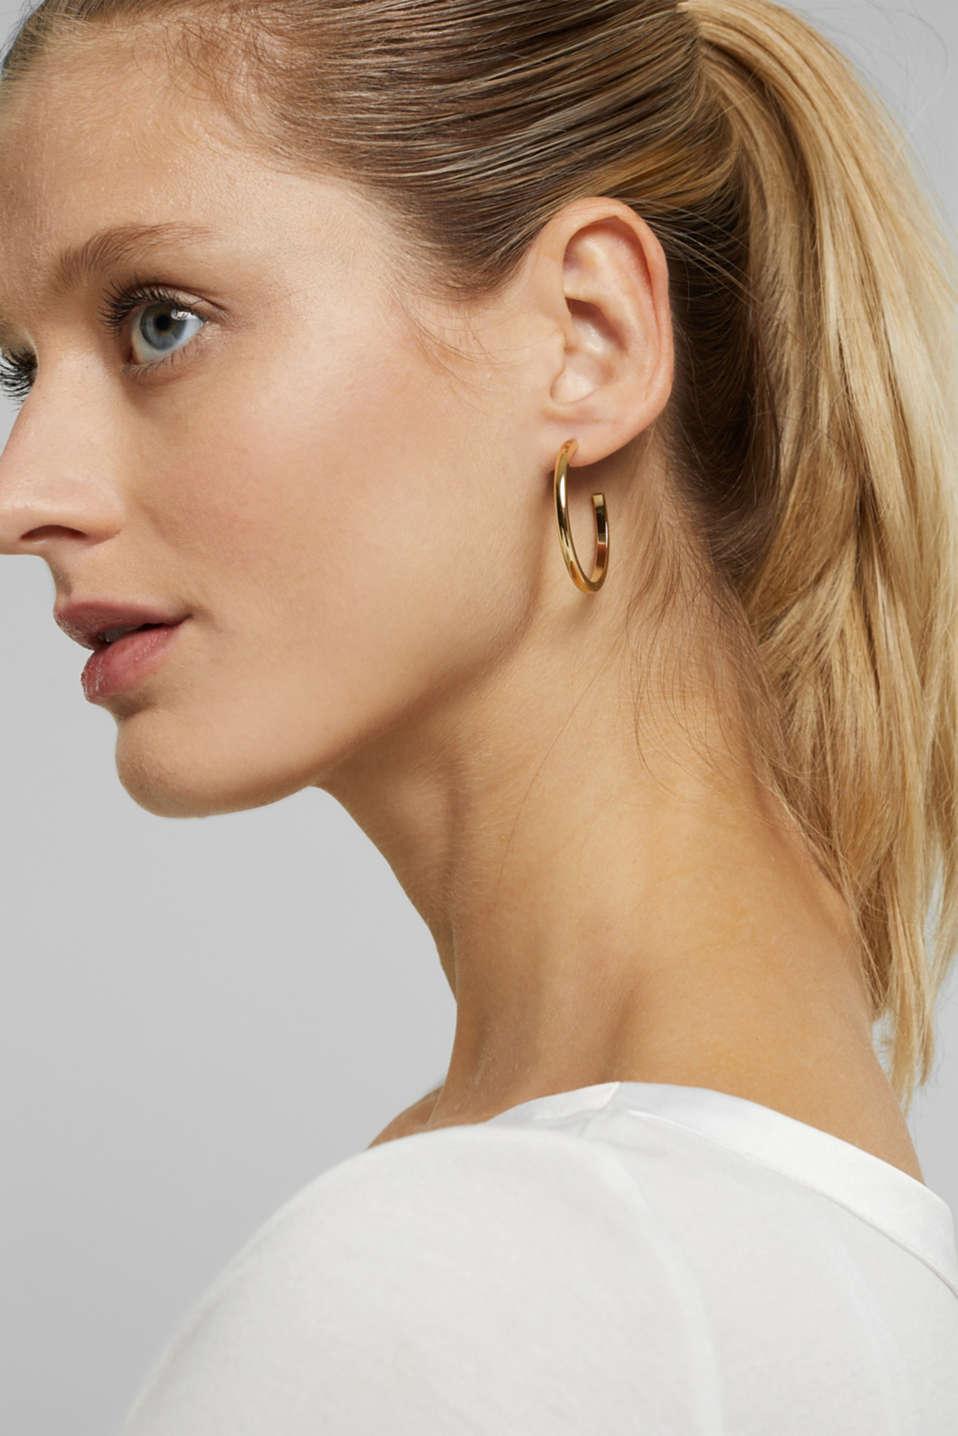 Stainless-steel hoop earrings, GOLD, detail image number 2